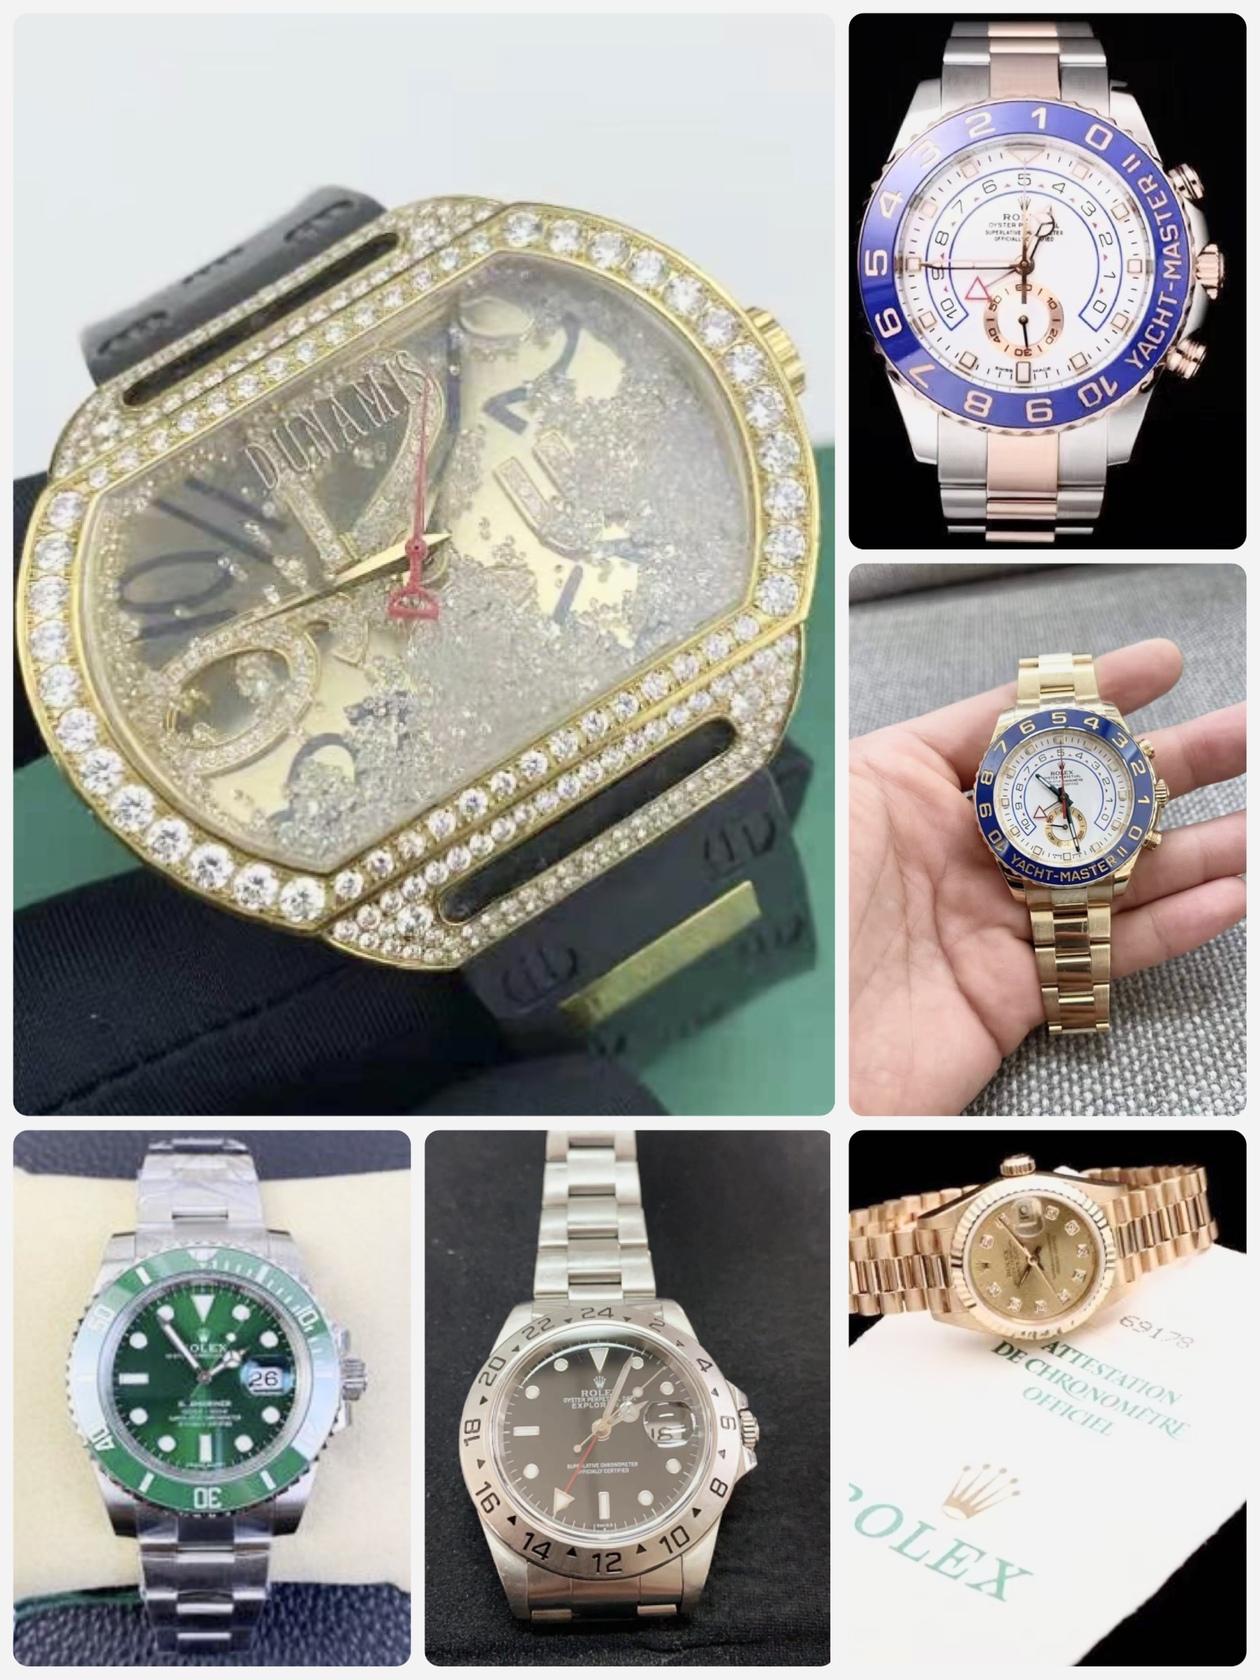 Runqiao Watch | ダイレン(大連)在住大連秀成貿易有限公司(渡辺)さんのおすすめお土産